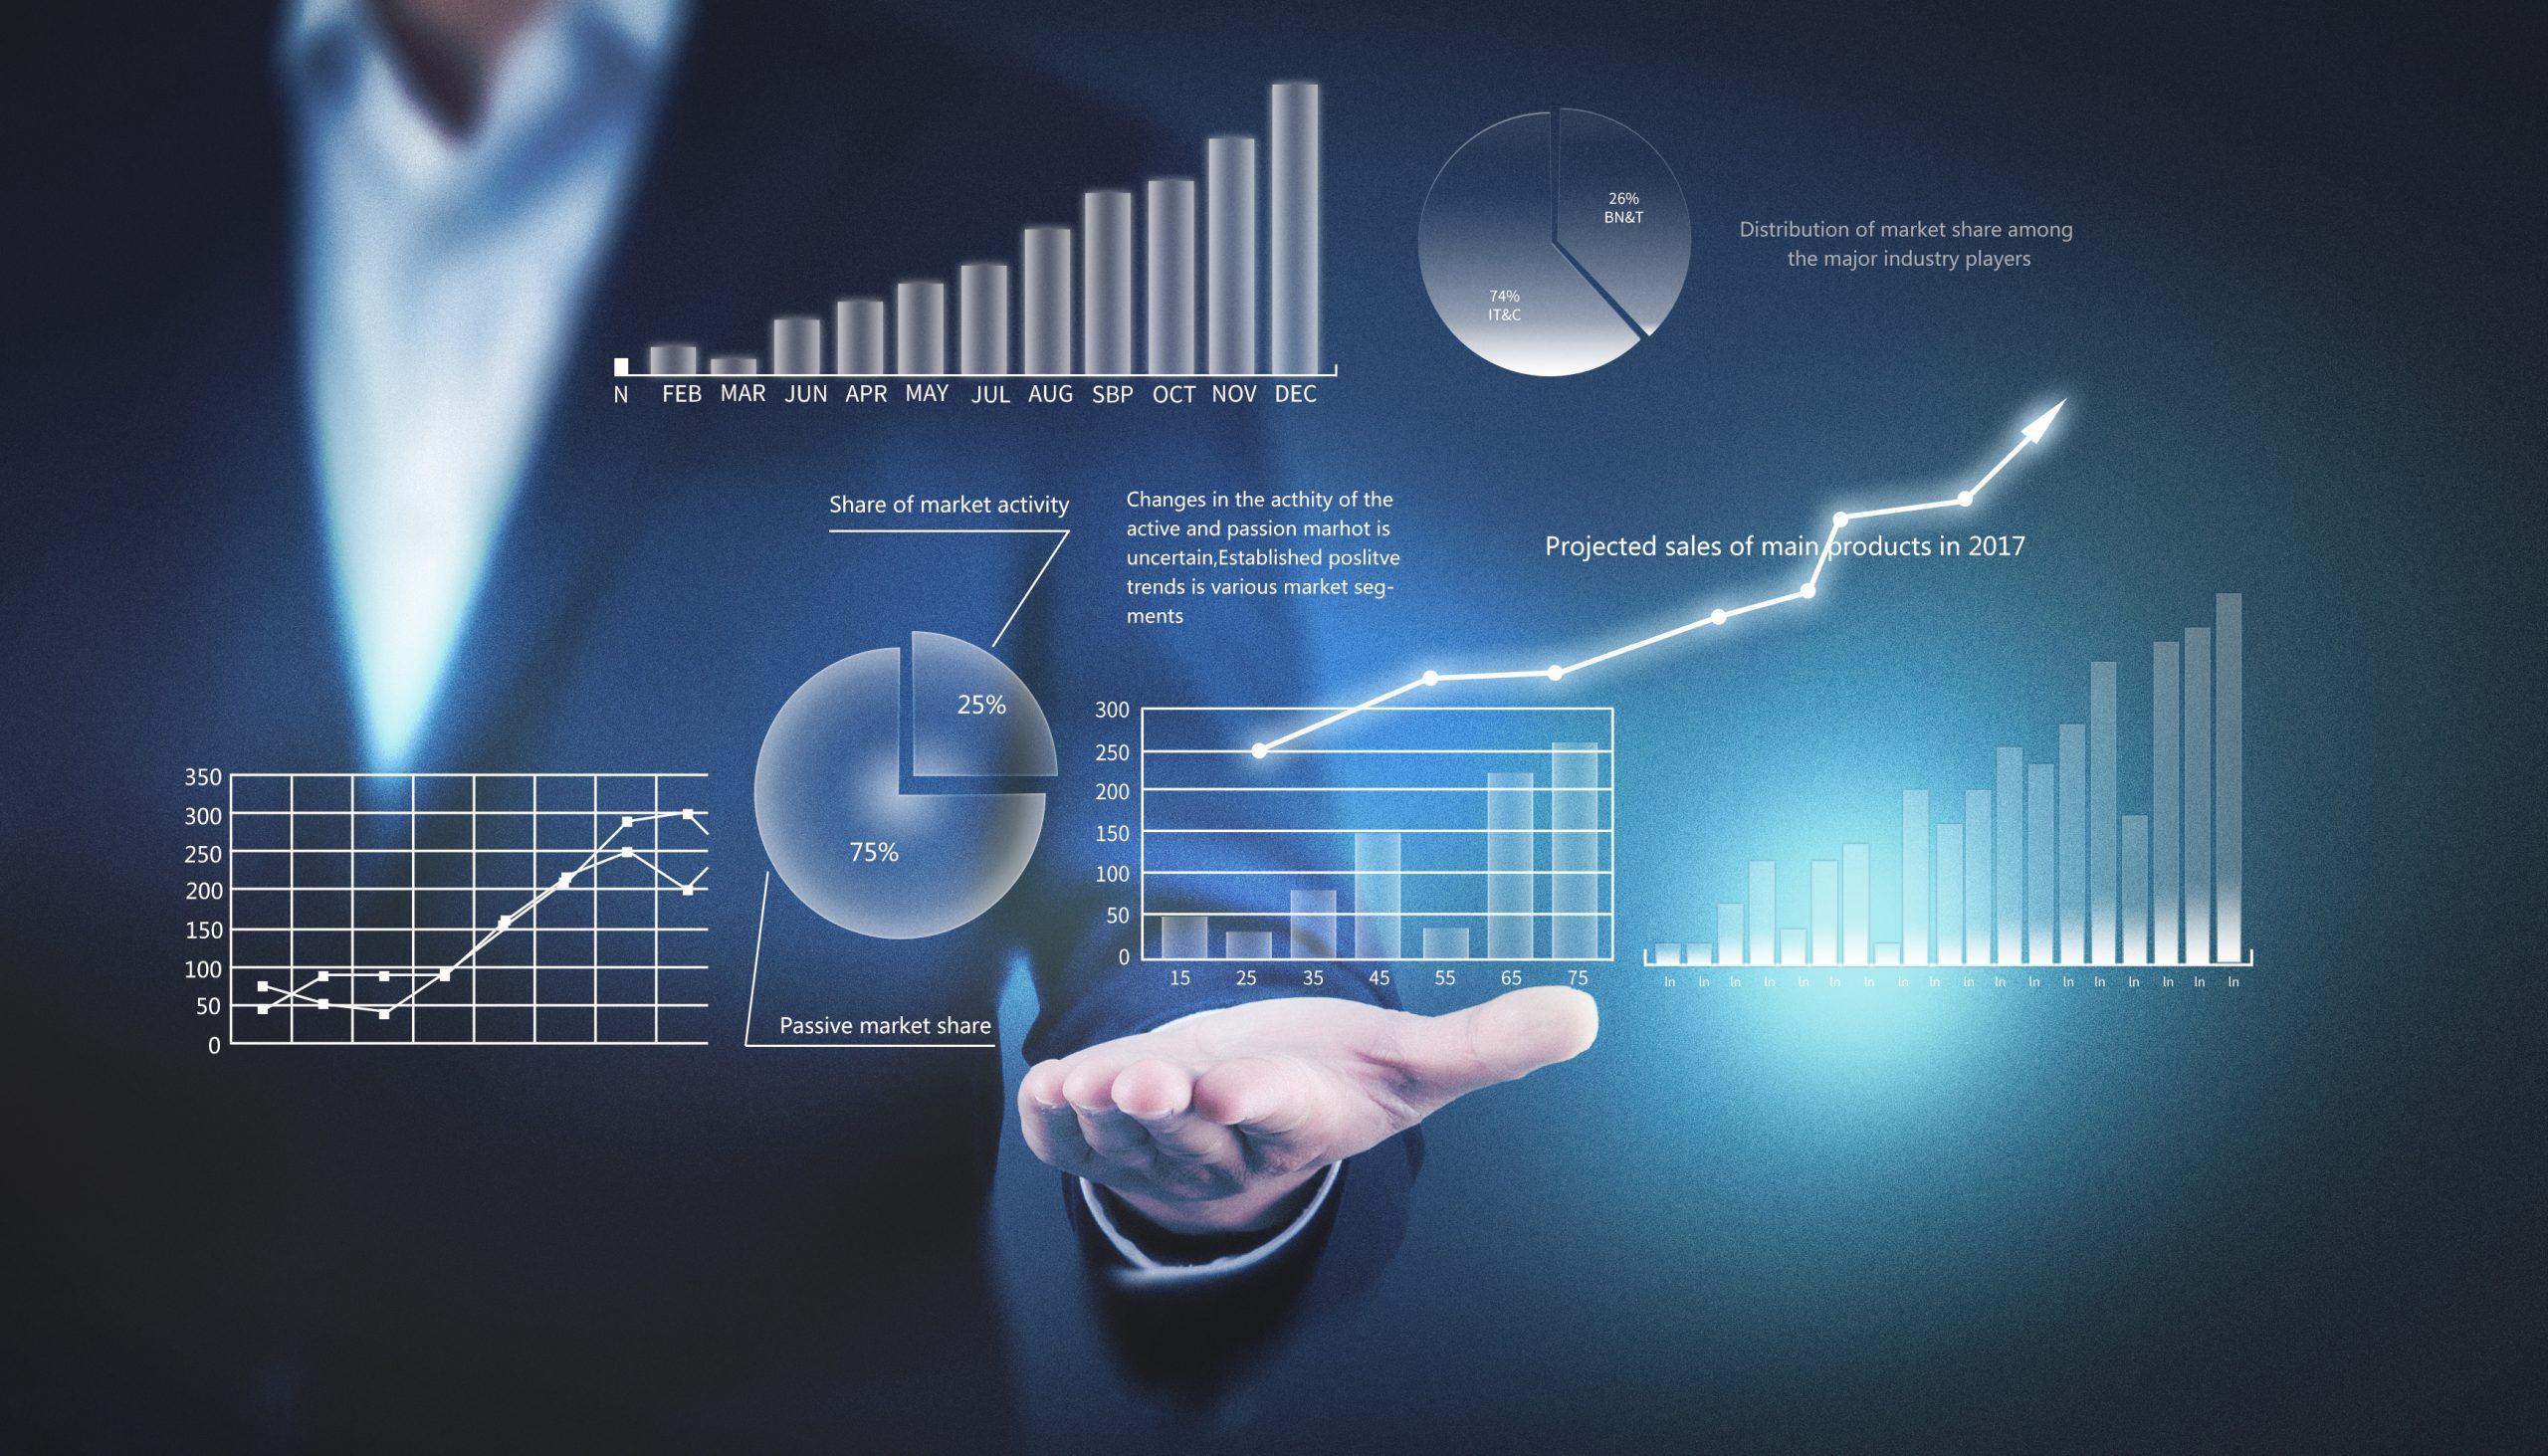 Lovepik_com-500614717-big-data-marketing-concept